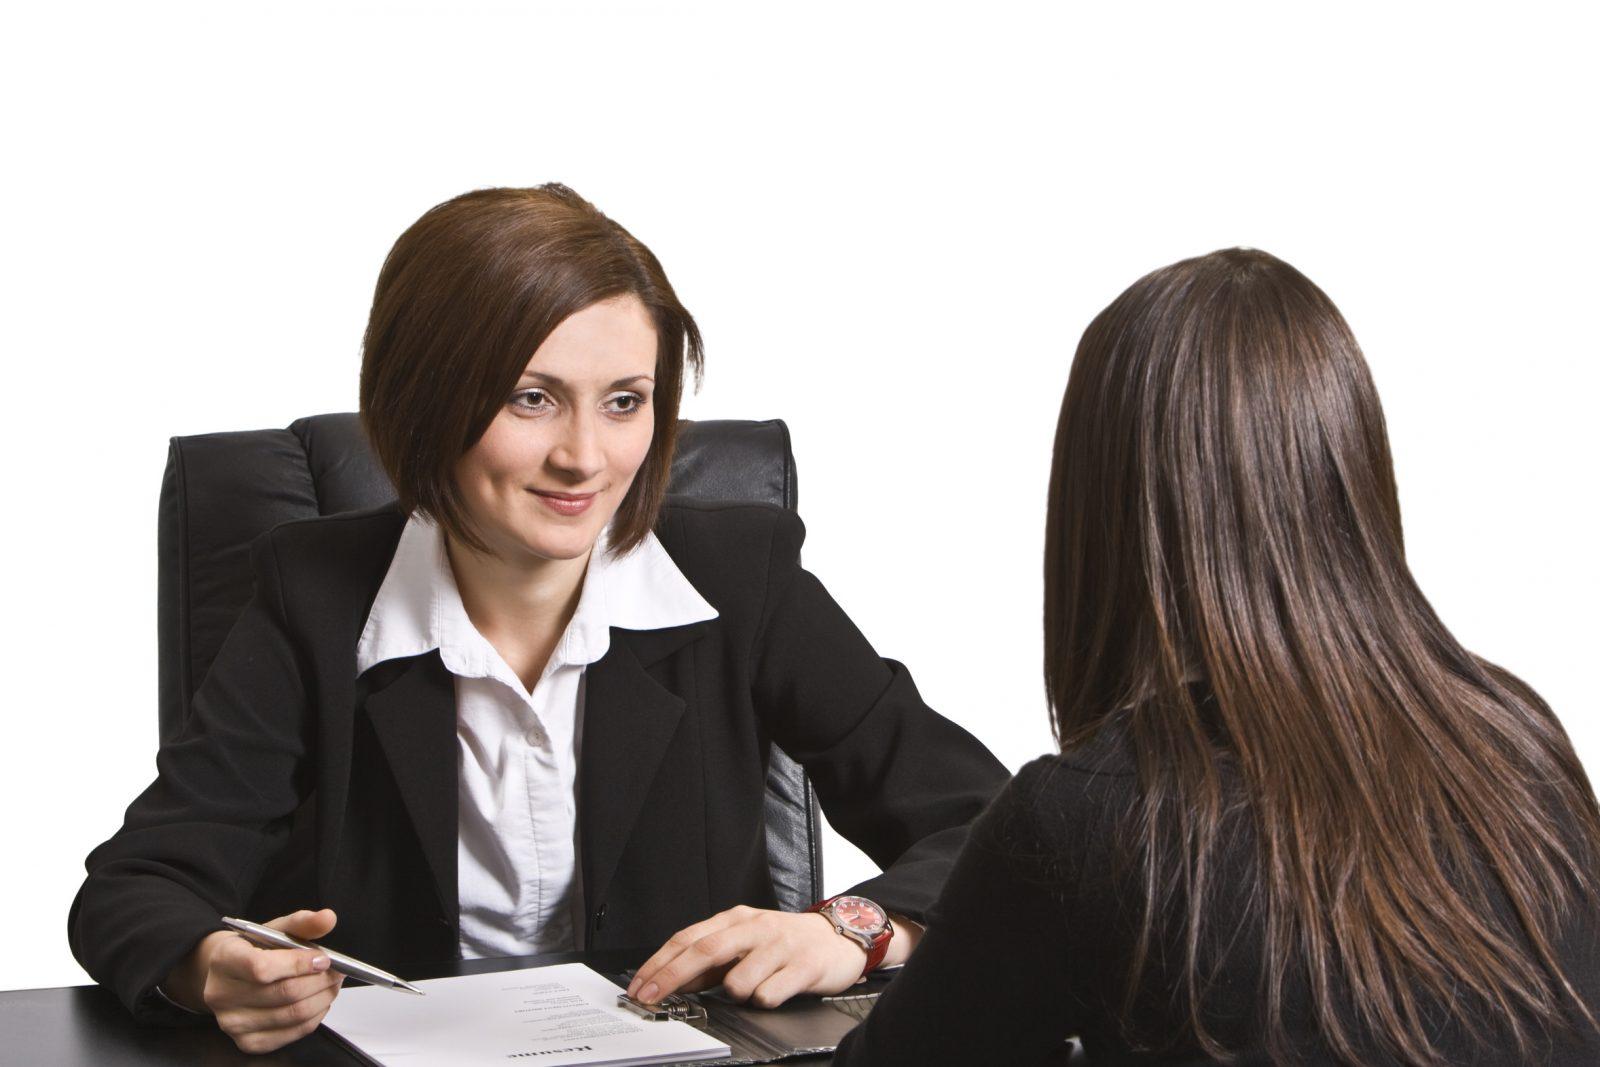 Dicas para contratar seu primeiro funcionário